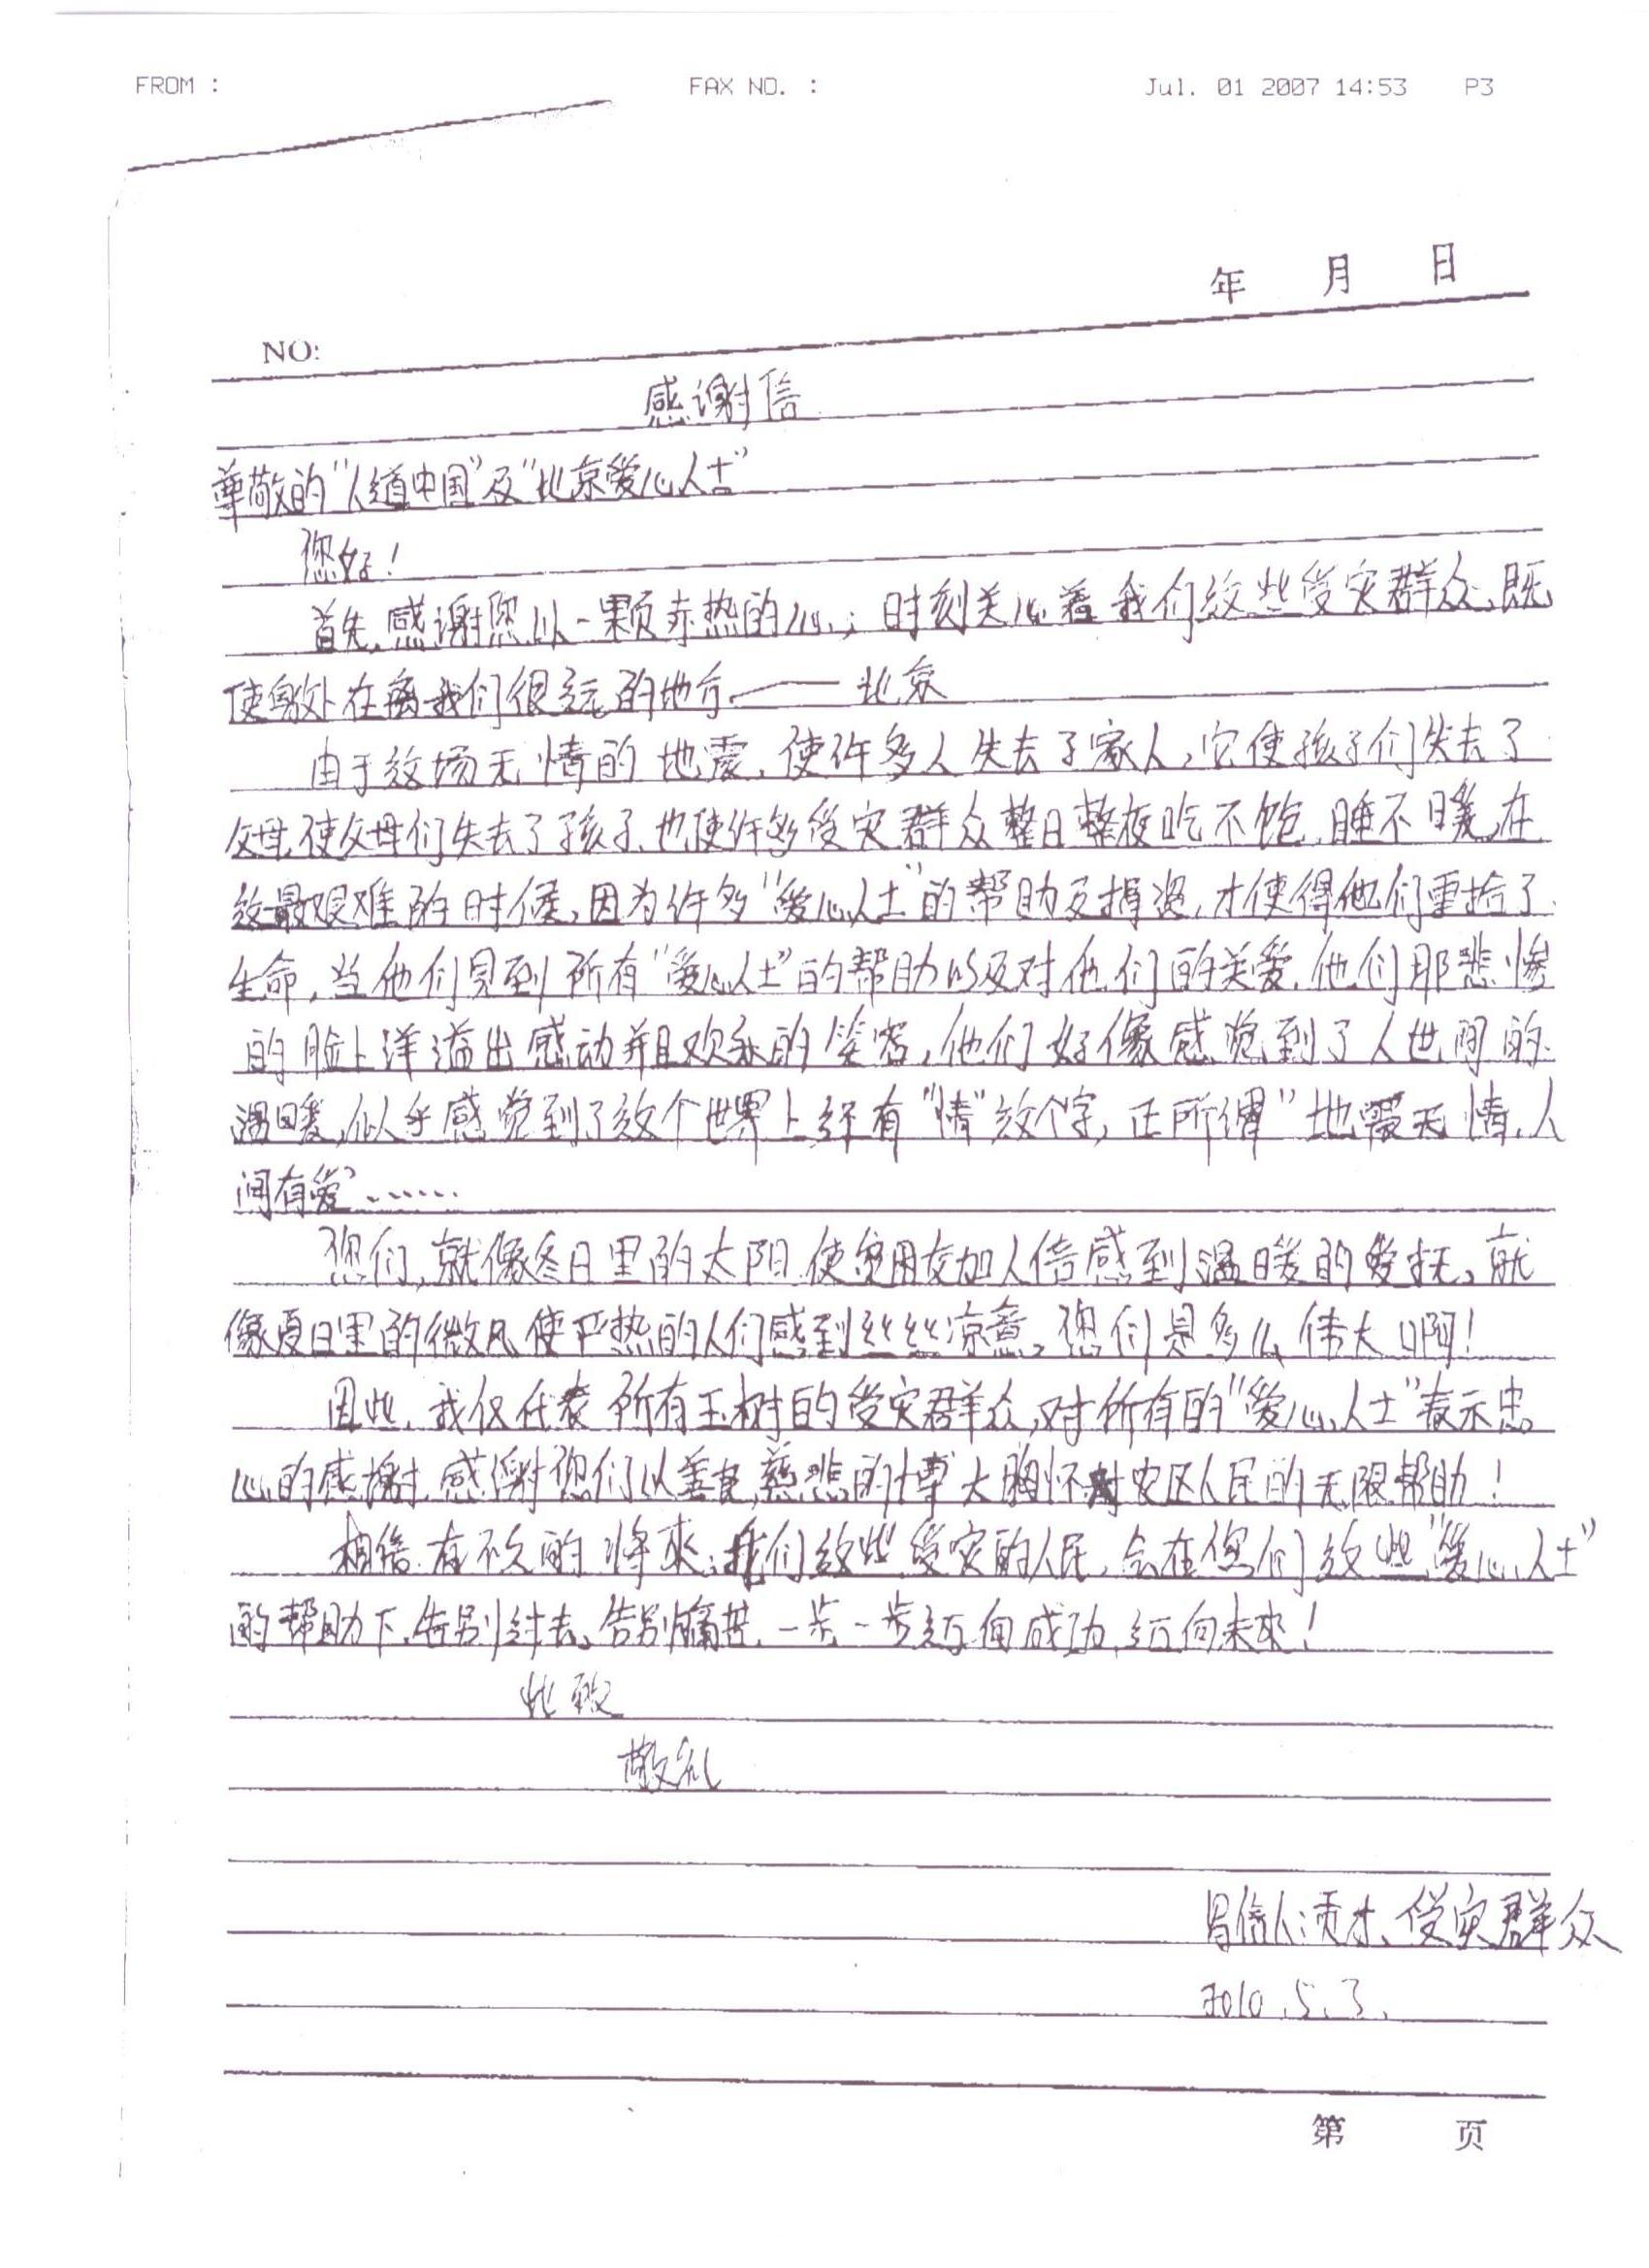 Past activities humanitarian china humanitarian china delivered financial aid spiritdancerdesigns Choice Image